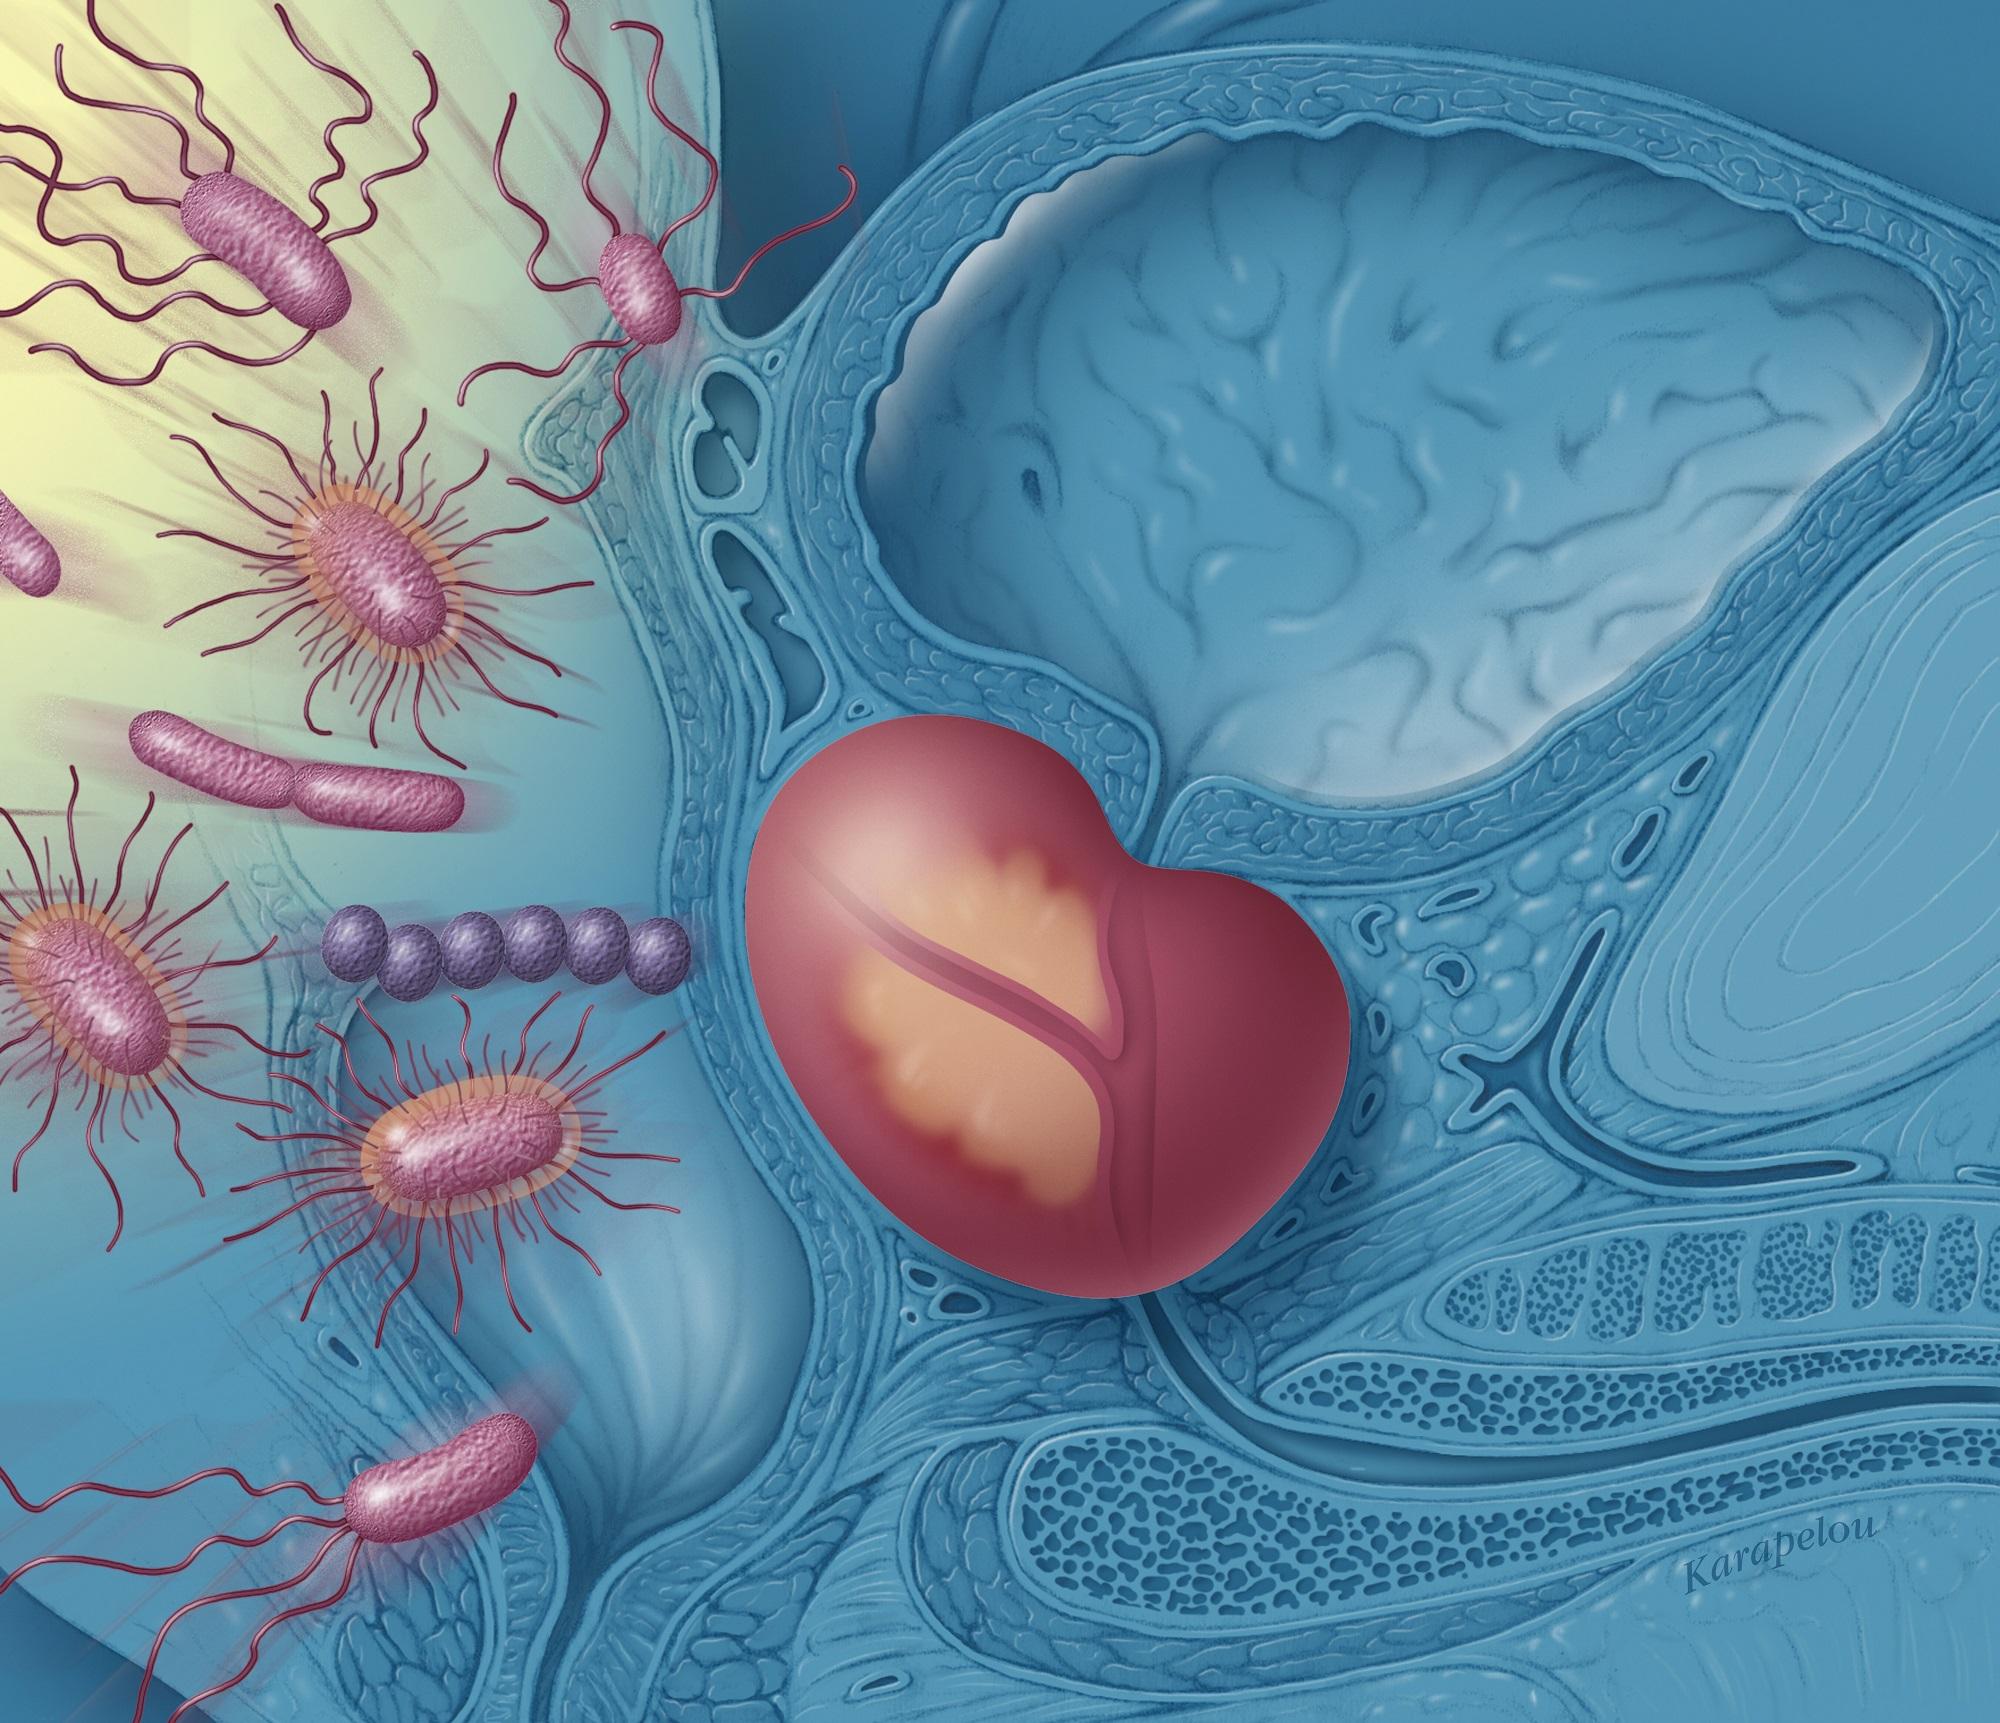 Urotrin tratament prostatită – preț, păreri, forum, farmacii, prospect